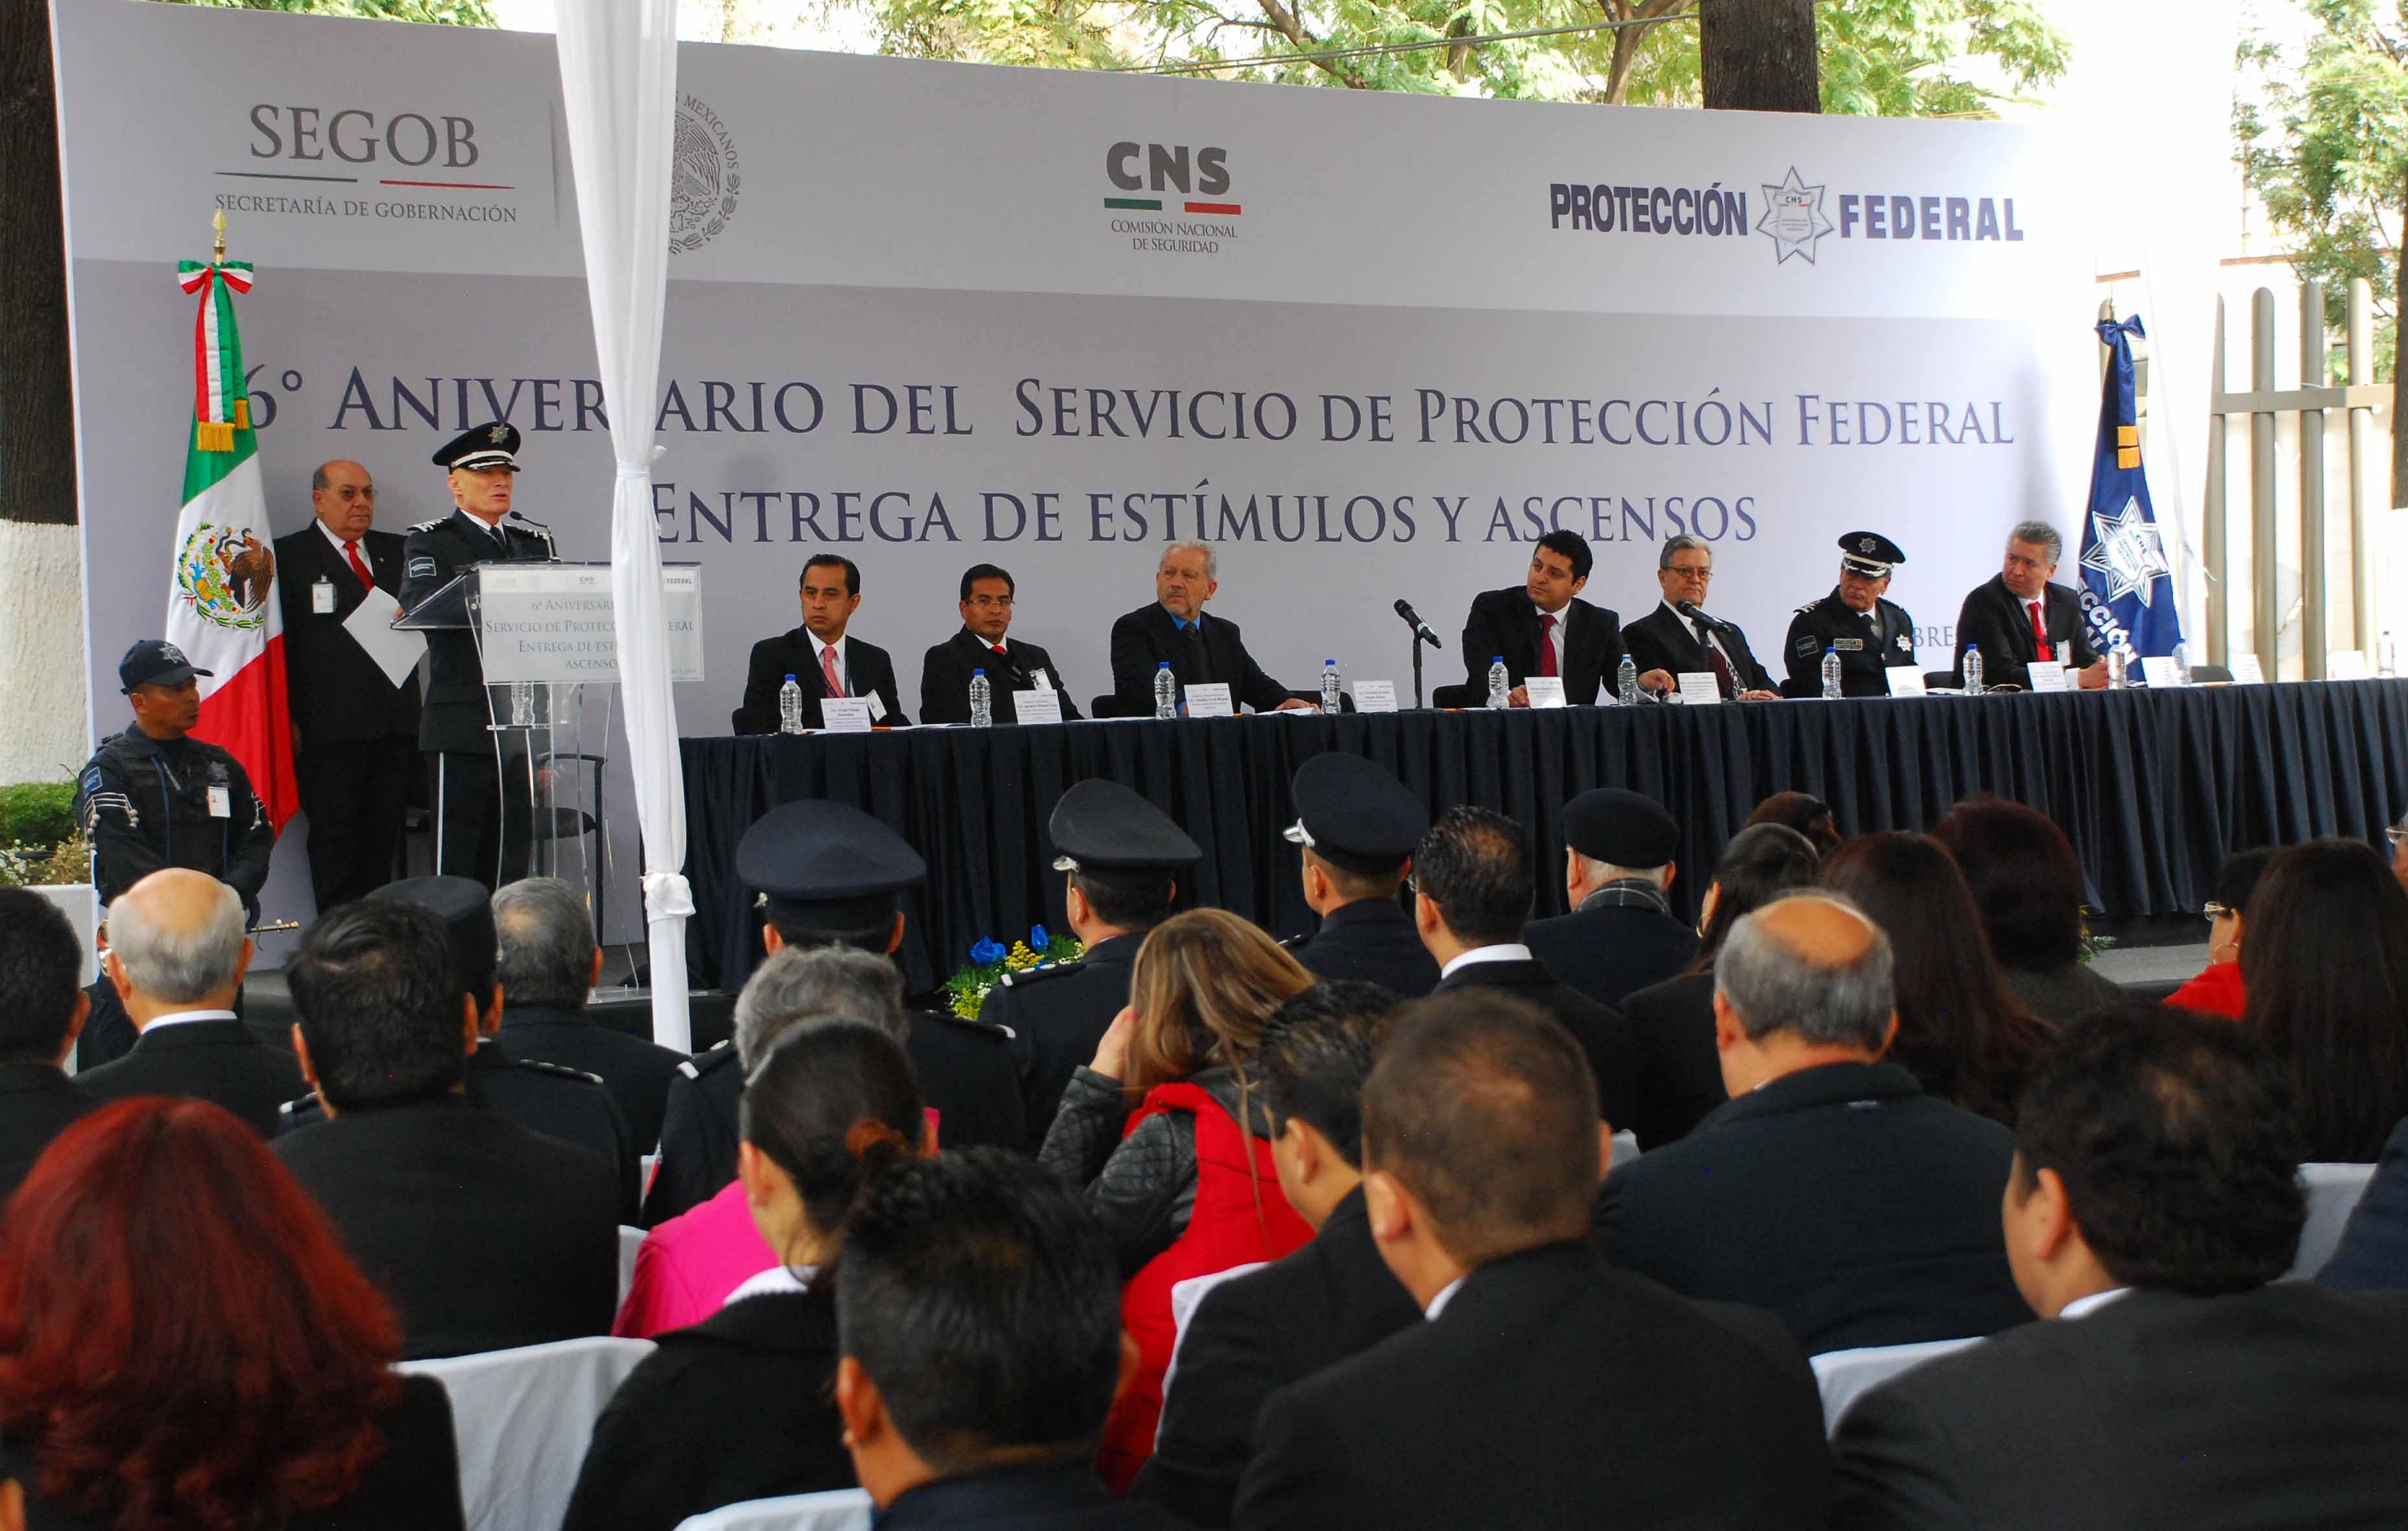 El Comisionado del Servicio de Protección Federal, Ingeniero Alfonso Ramón Bagur, aseguró que el reto para el Servicio de Protección Federal es ofrecer un servicio con calidad, eficiente y suficiente a cargo de los cuatro mil 800 elementos en activo